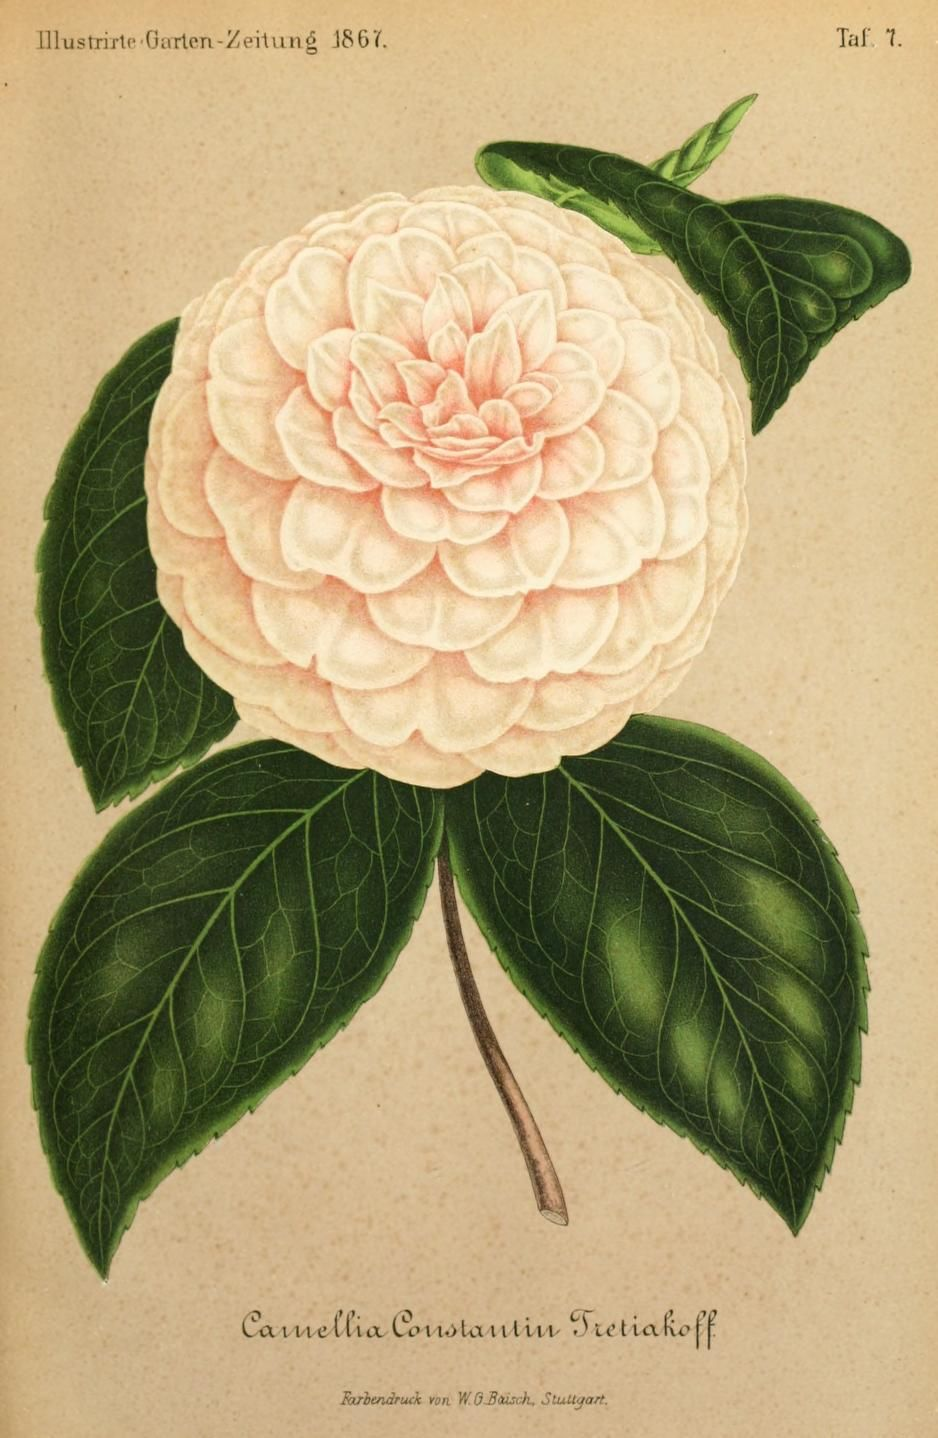 Bd 11 1867 Illustrierte Garten Zeitung Biodiversity Heritage Library Biodiversity Plant Leaves Pink Flowers